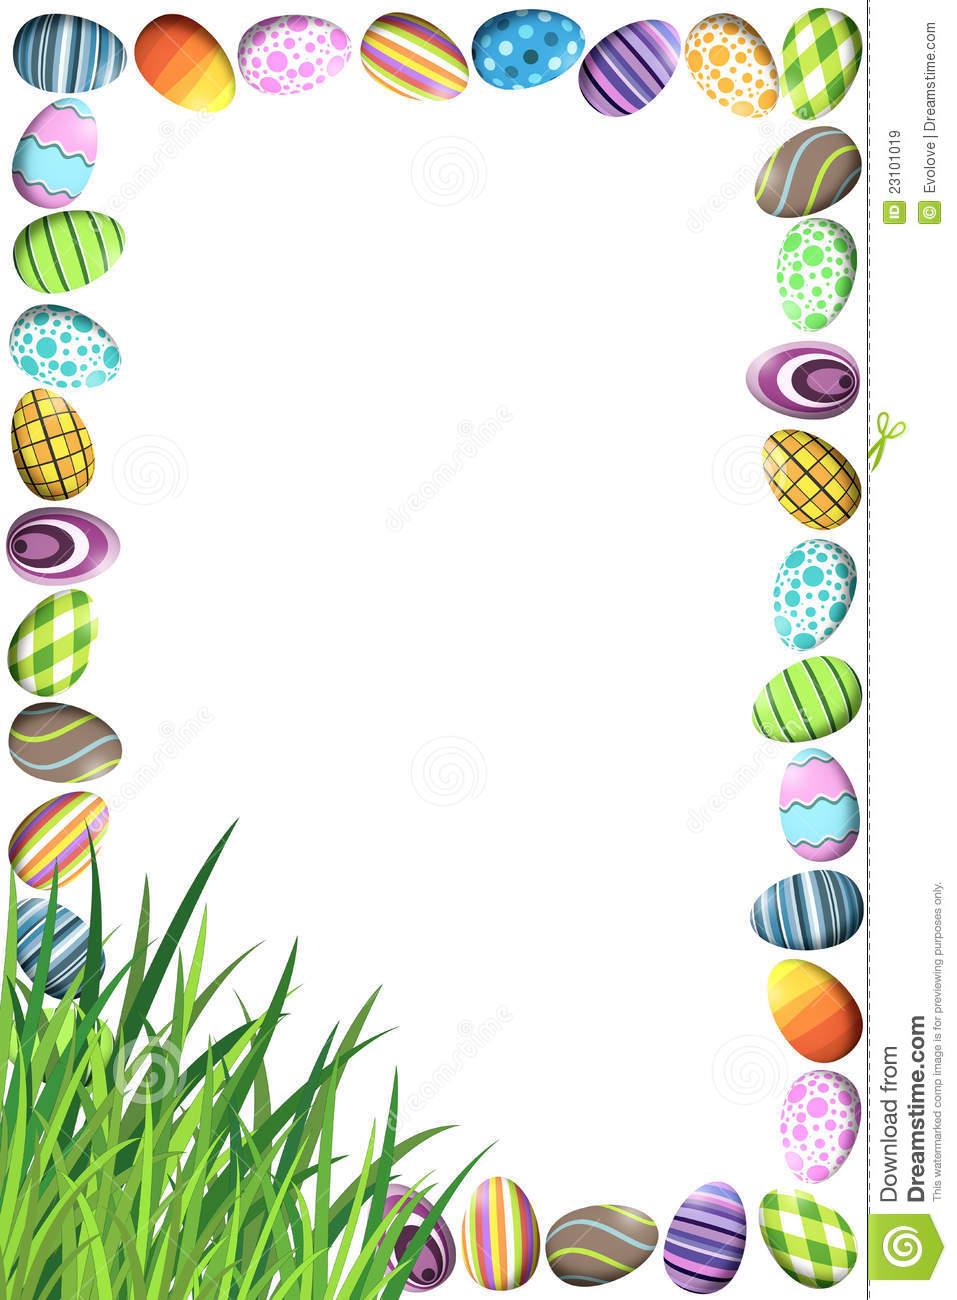 Easter Eggs Clipart Border.